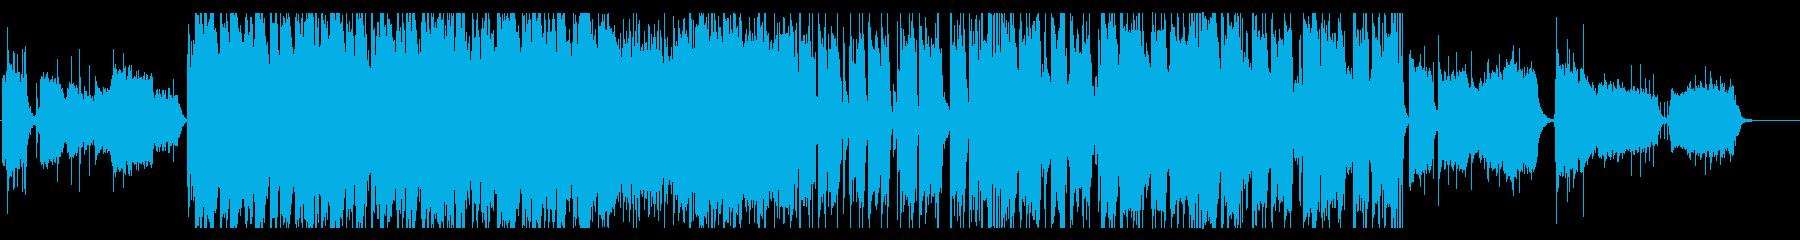 緊張感の高い雰囲気のBGMの再生済みの波形